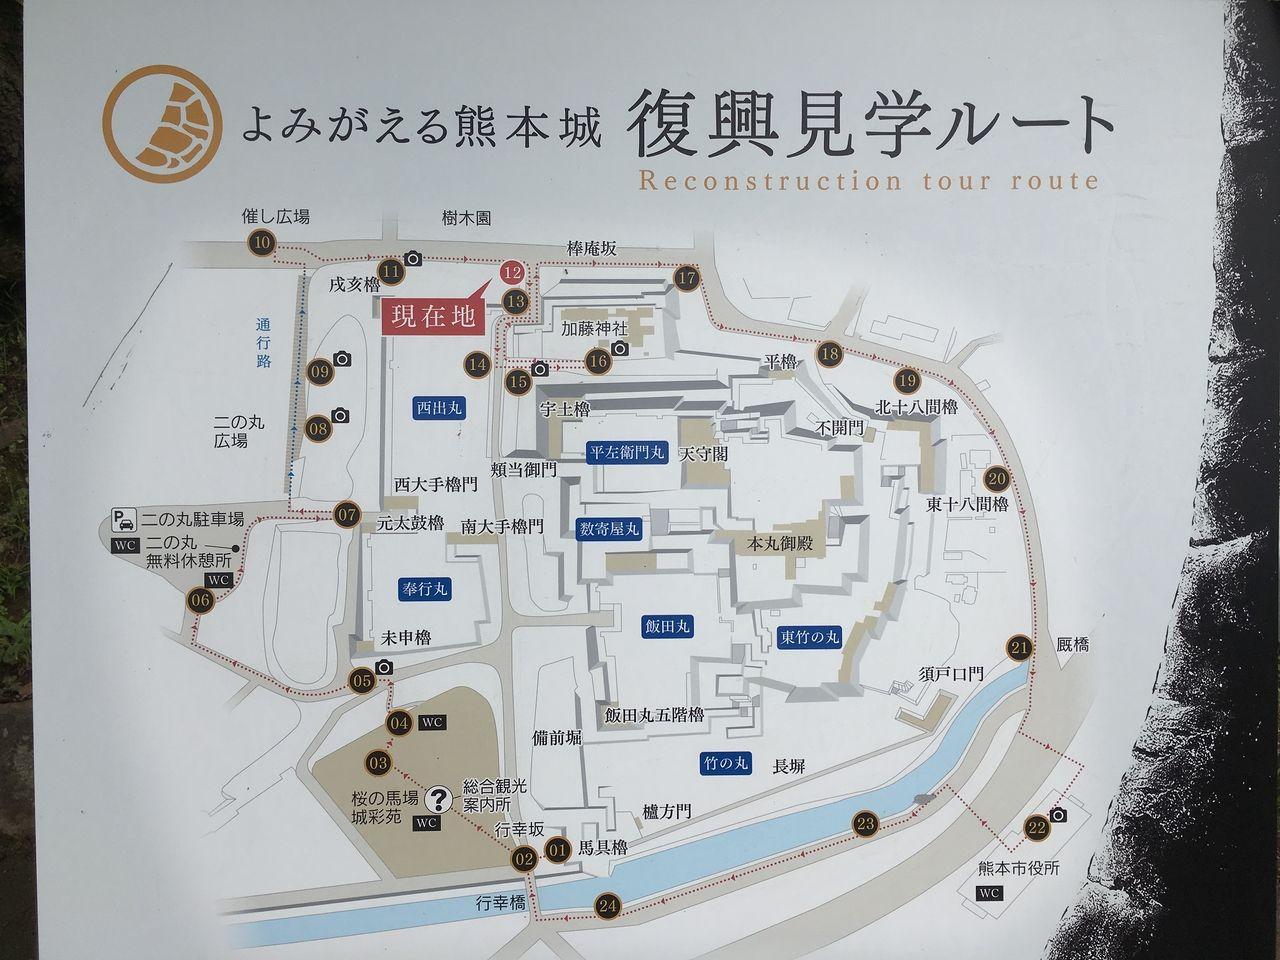 よみがえる熊本城 復興見学ルート